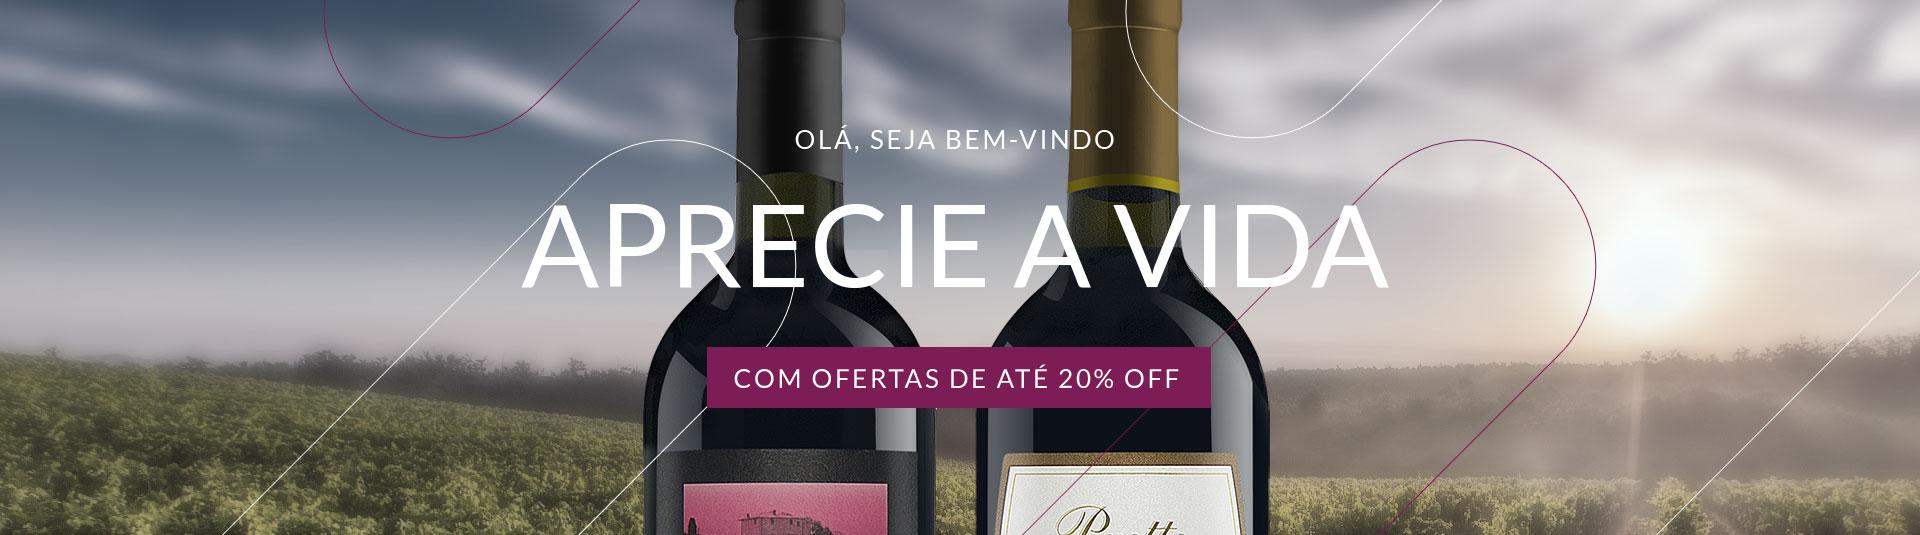 Adega Vinhos - Loja online de Vinhos